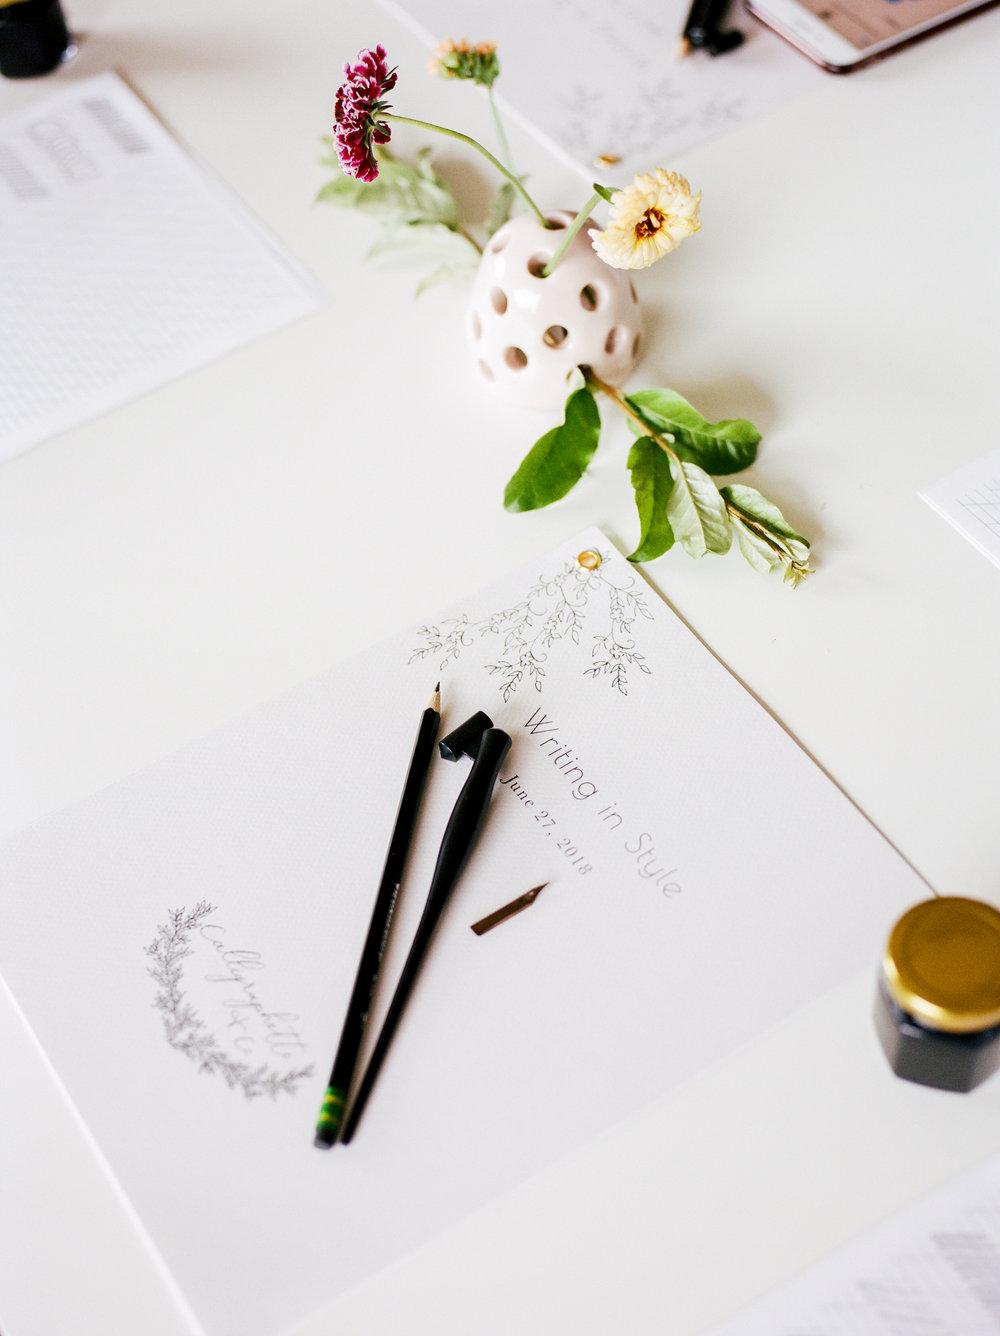 CalligraphetteWorkshop-19.jpg